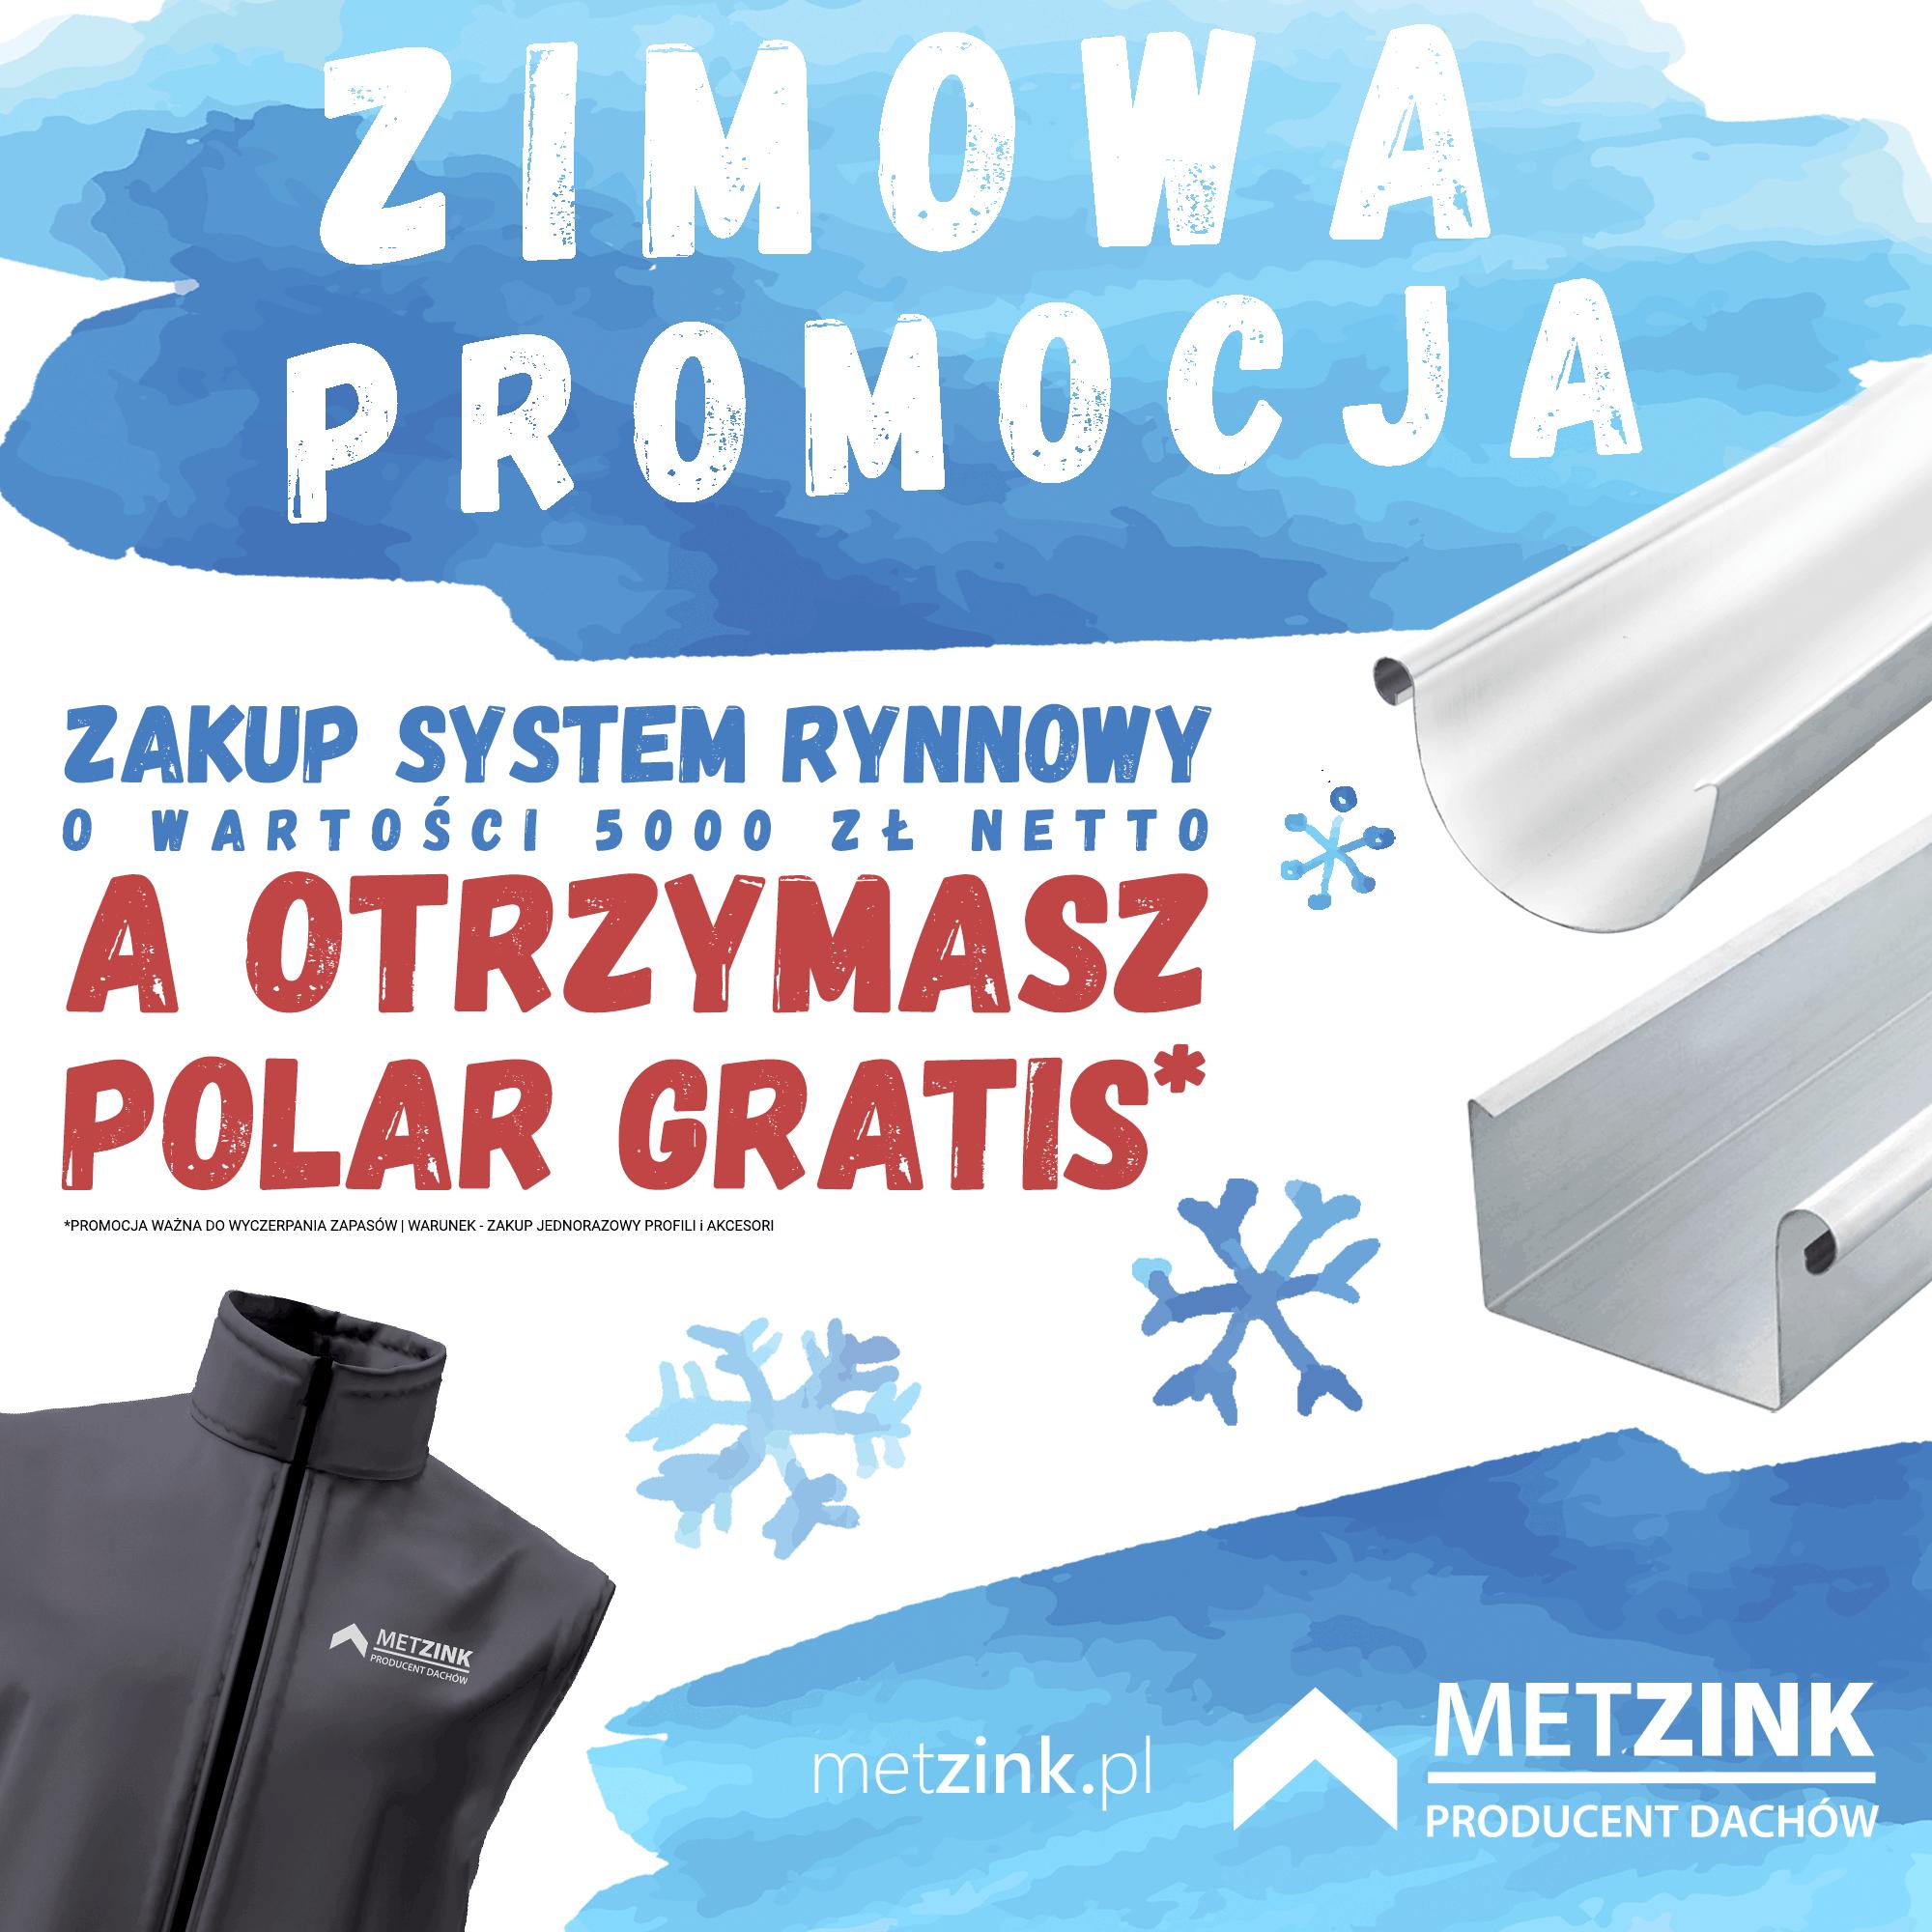 Promocja zimowa - rynny wersja 2